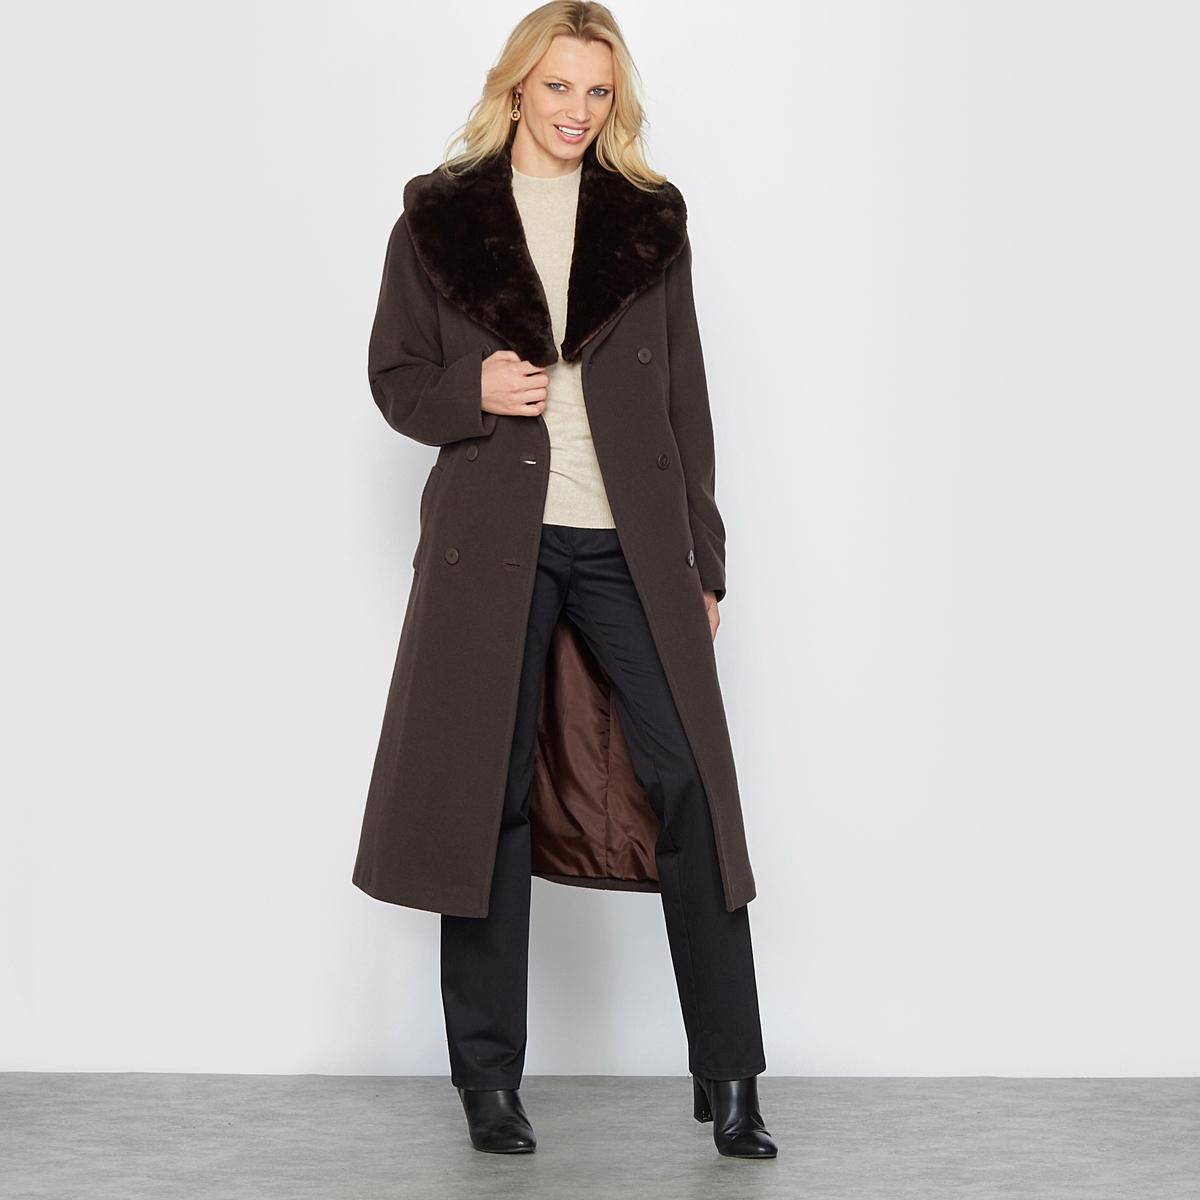 Пальто прямое из шерстиДлинное зимнее пальто, практичное и стильное, которое можно носить с воротником из искусственного меха или без него . Двубортная планка застежки. Модный пояс с завязками .Детали •  Длина  : удлиненная модель •  Воротник-поло, рубашечный • Застежка на пуговицыСостав и уход •  70% шерсти, 10% кашемира, 20% полиамида •  Подкладка : 100% полиэстер • Не стирать •  Любые растворитель / не отбеливать   •  Не использовать барабанную сушку •  Низкая температура глажки<br><br>Цвет: серый меланж/черный,темно-бежевый / шоколадный,черный/ черный<br>Размер: 38 (FR) - 44 (RUS).50 (FR) - 56 (RUS).50 (FR) - 56 (RUS).44 (FR) - 50 (RUS)